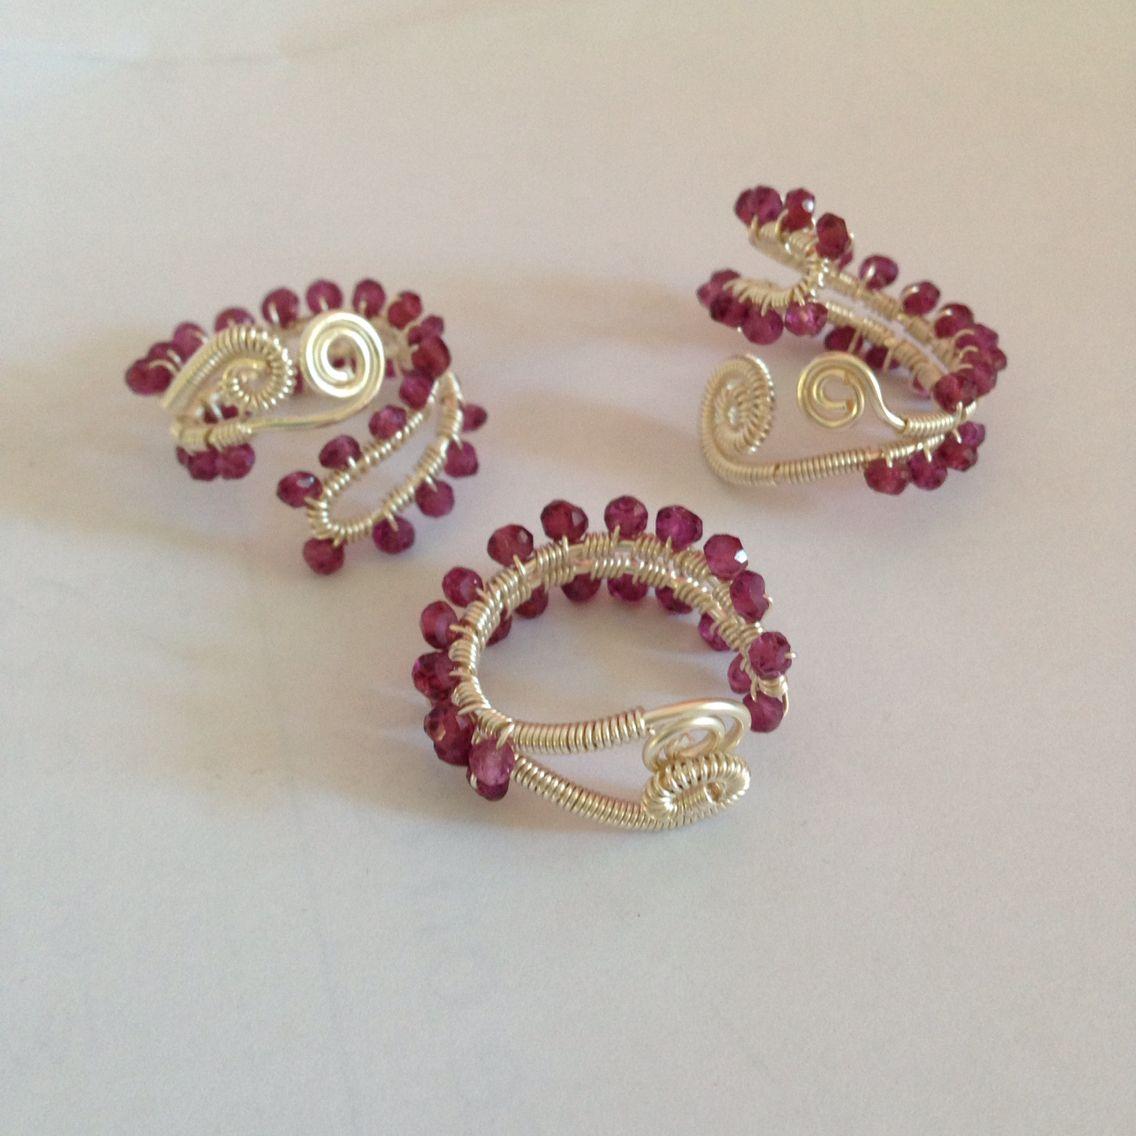 Garnet wire rings